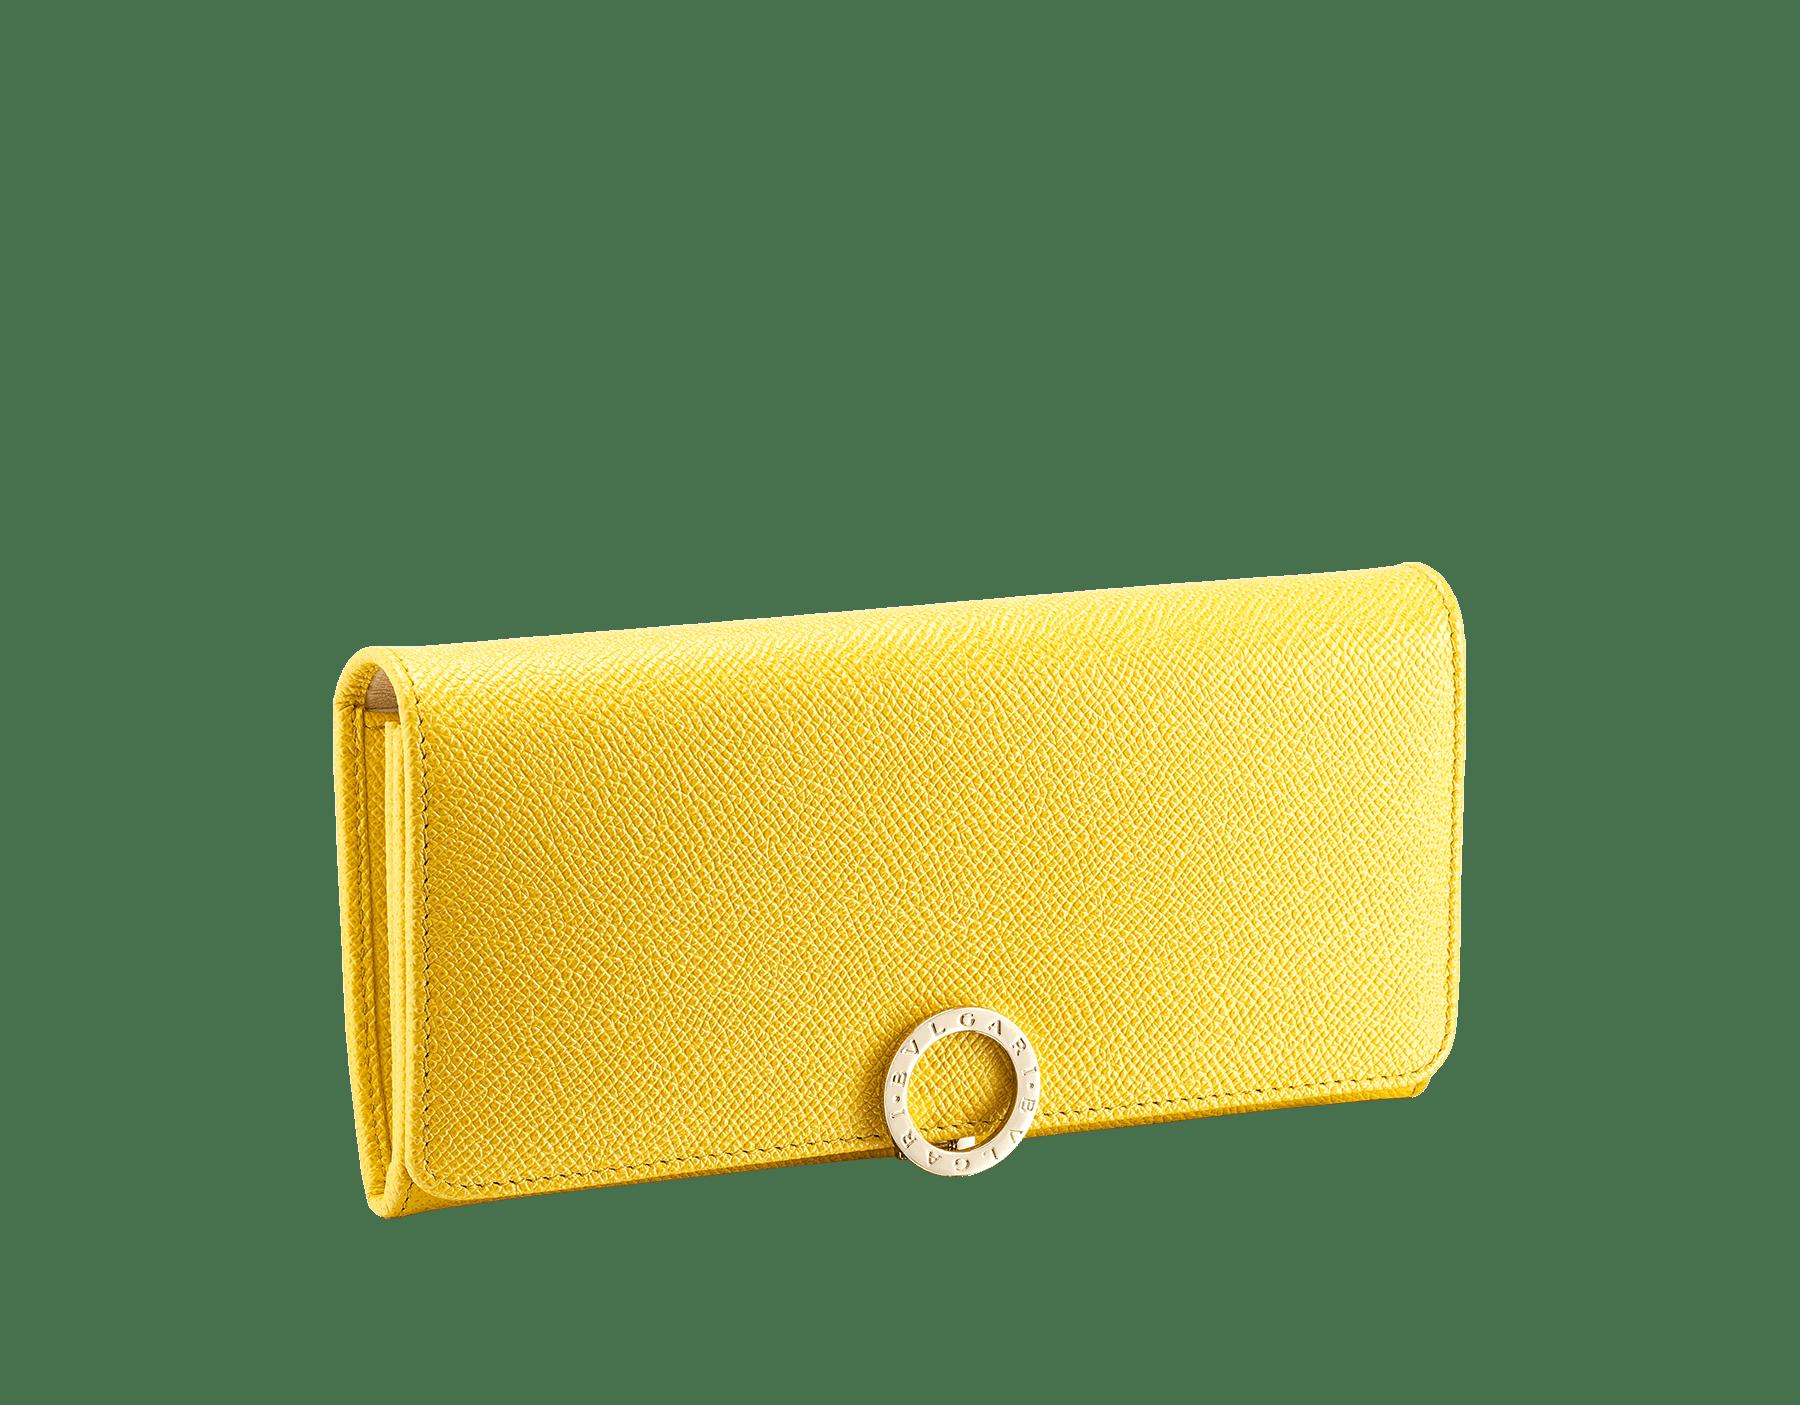 Großes BVLGARI BVLGARI Portemonnaie aus genarbtem Kalbsleder in Taffy Quartz und turmalinfarbenem Nappaleder. Ikonische Verschlussklammer mit Logo aus hell vergoldetem Messing. 579-WLT-SLI-POC-CLb image 1